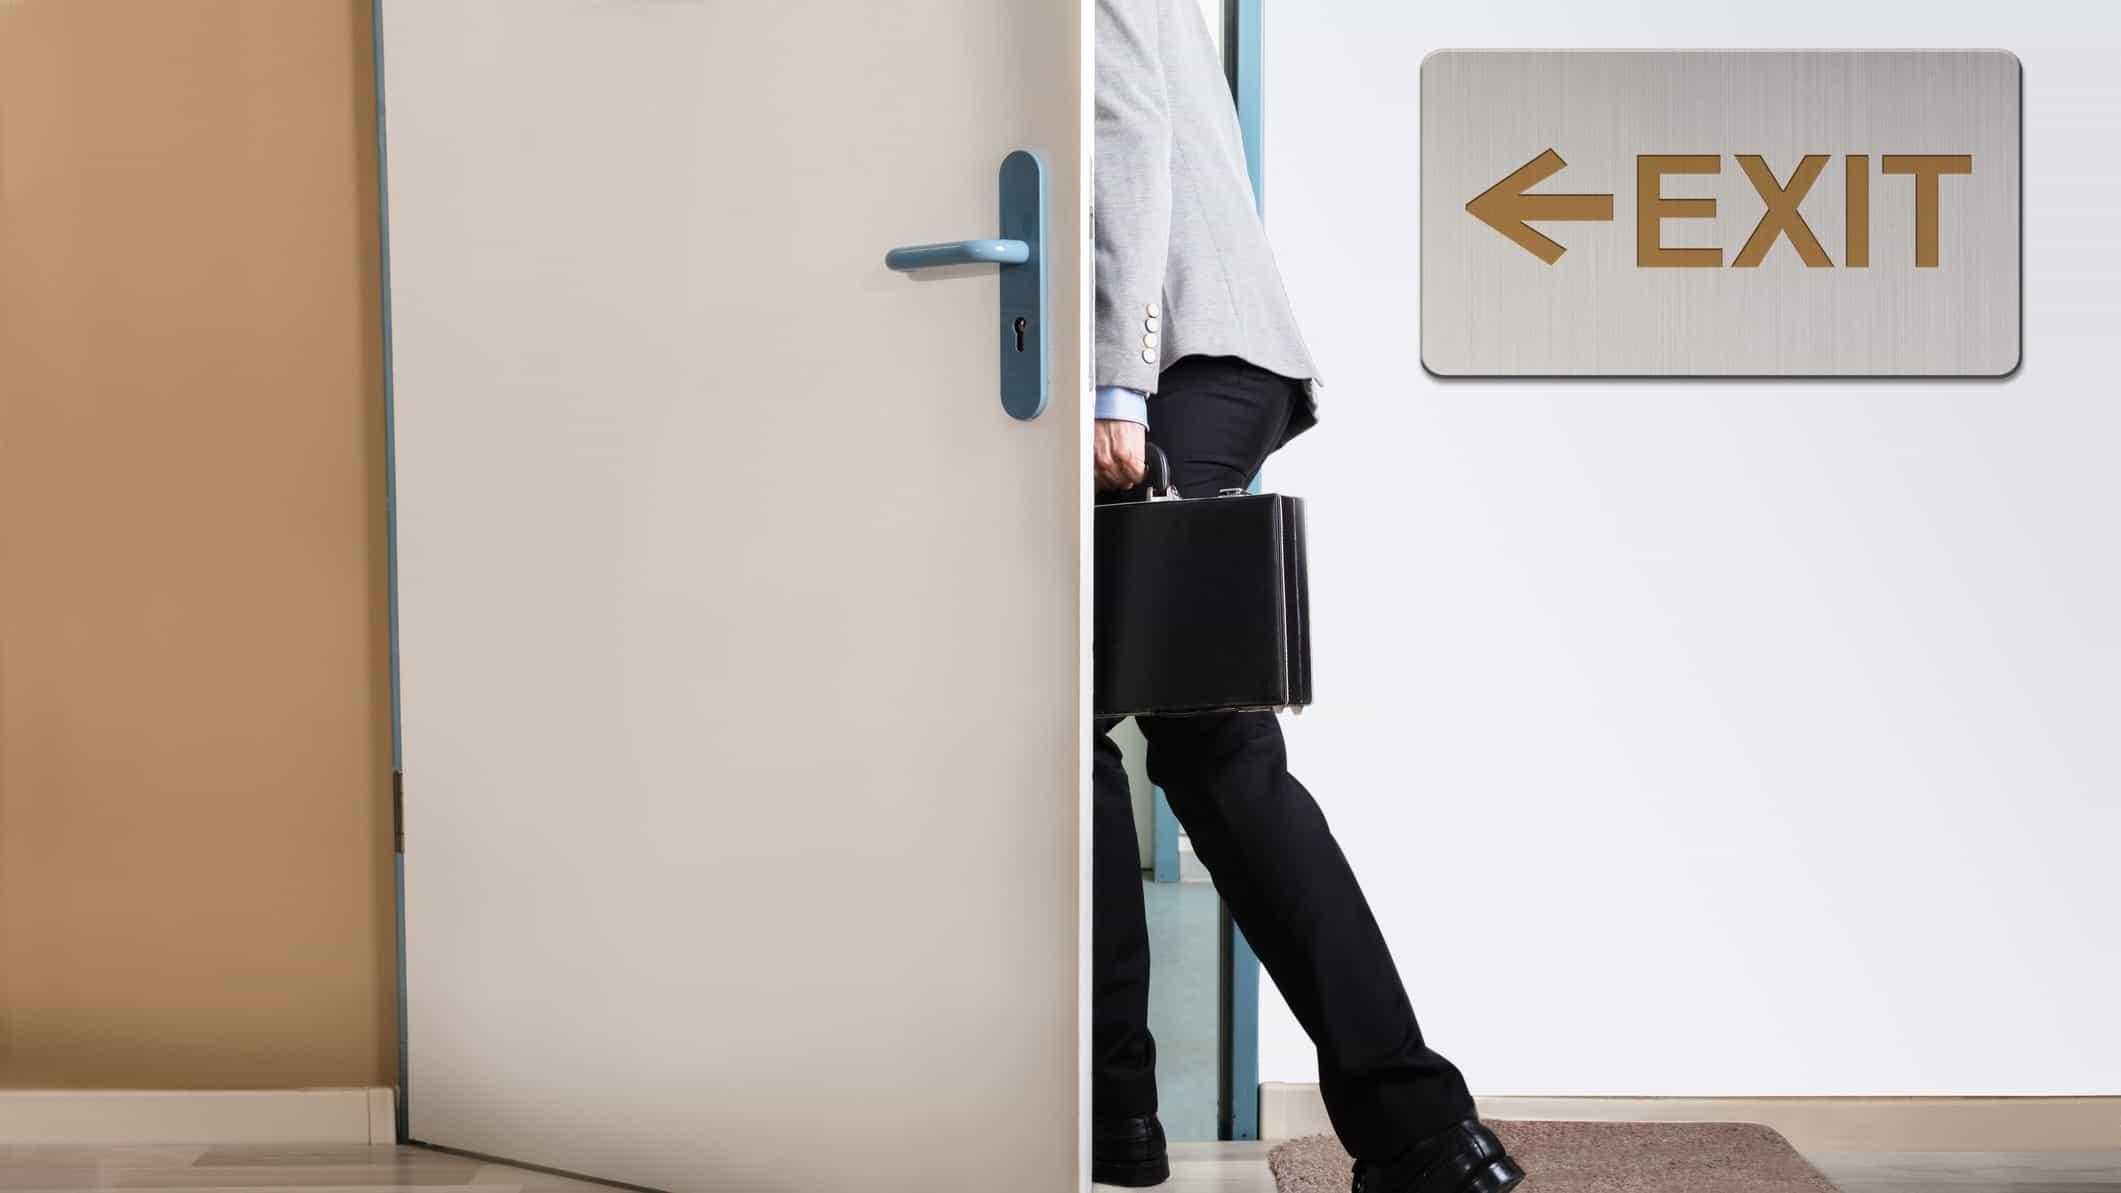 Businessman walks through exit door signalling resignation